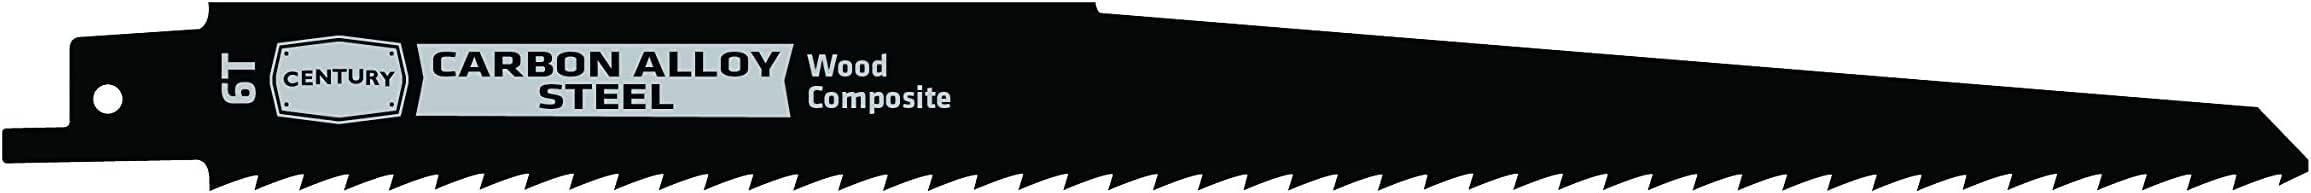 Century 钻和工具碳合金互补锯片 6T 48-00-5016